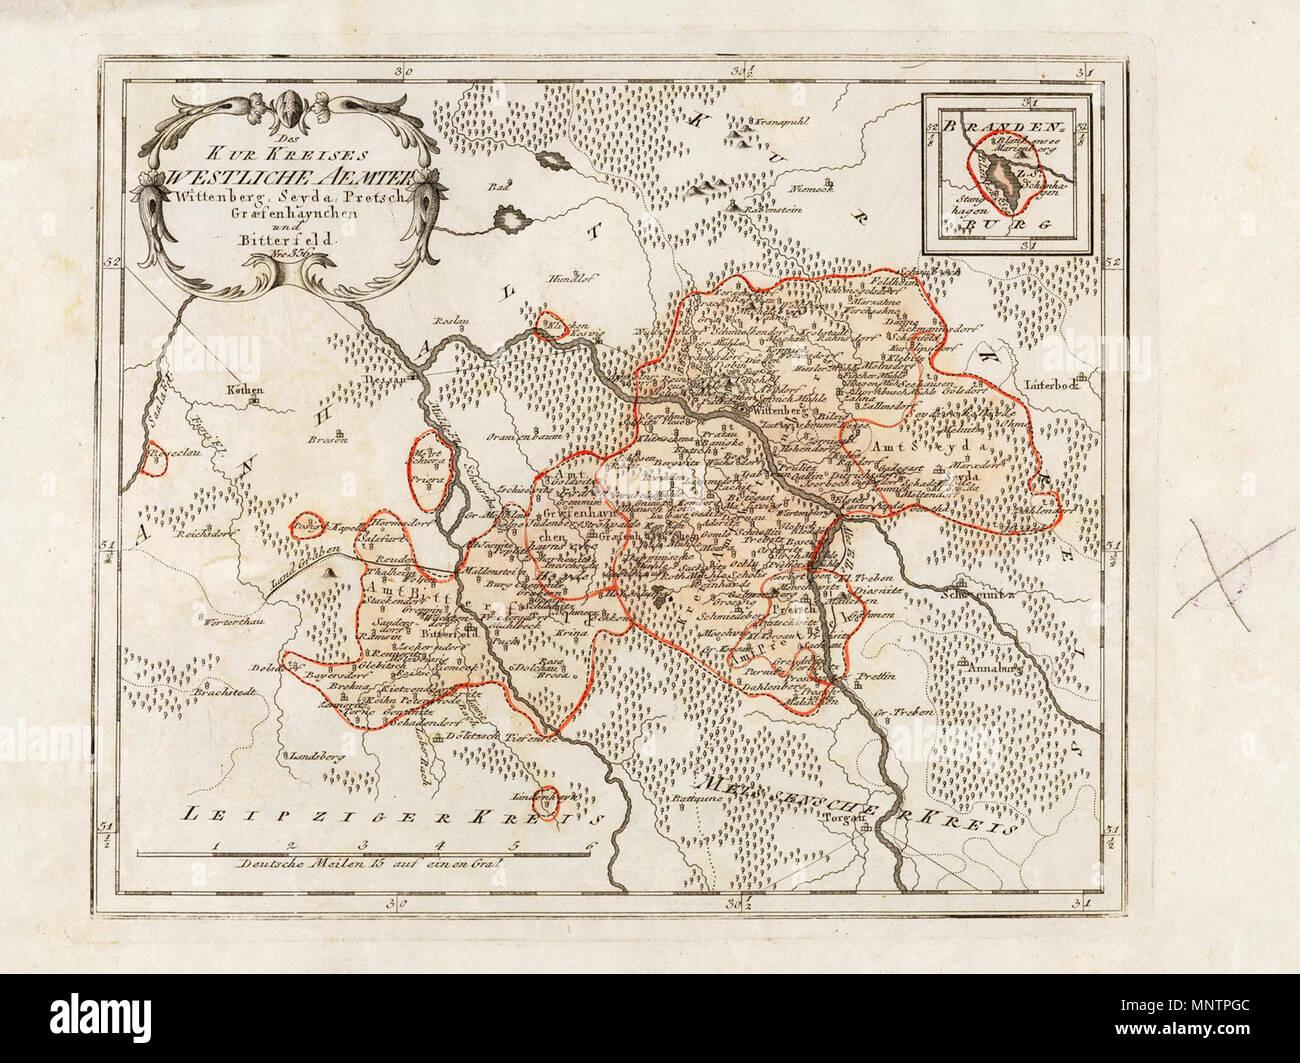 Deutsch: Des Kurkreises Westliche Aemter Wittenberg, Seyda, Pretsch ...